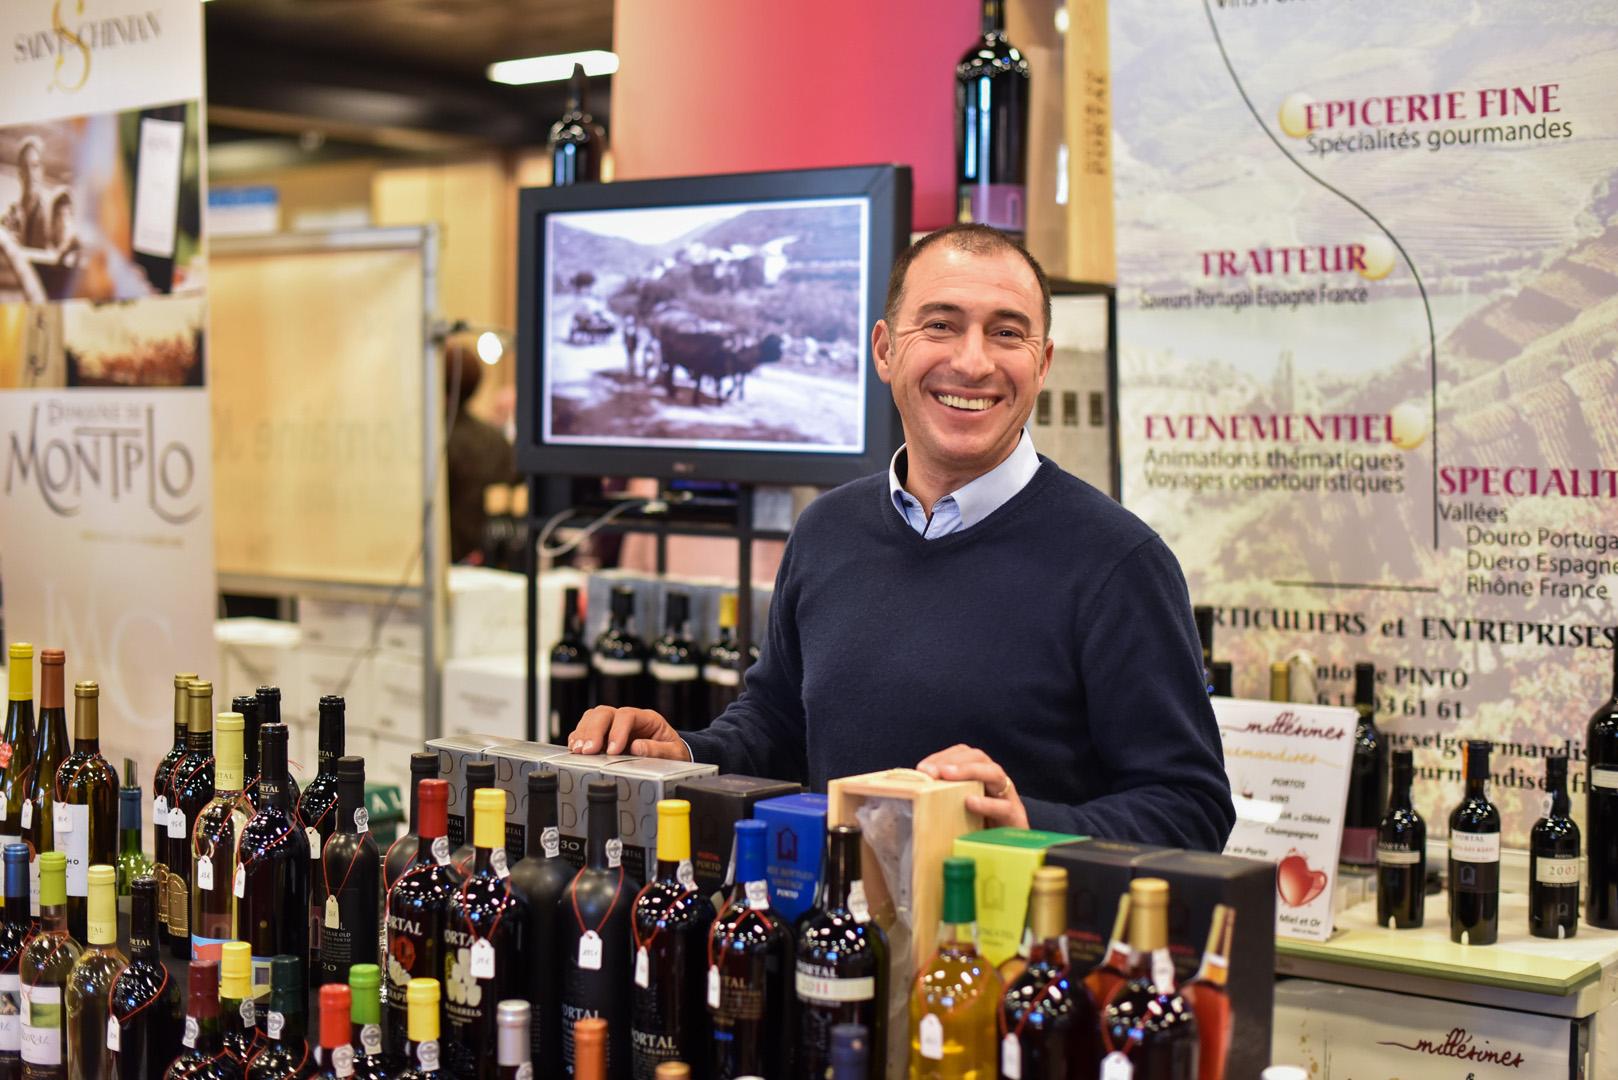 2016-10-17 - salon vinomedia villeurbanne011